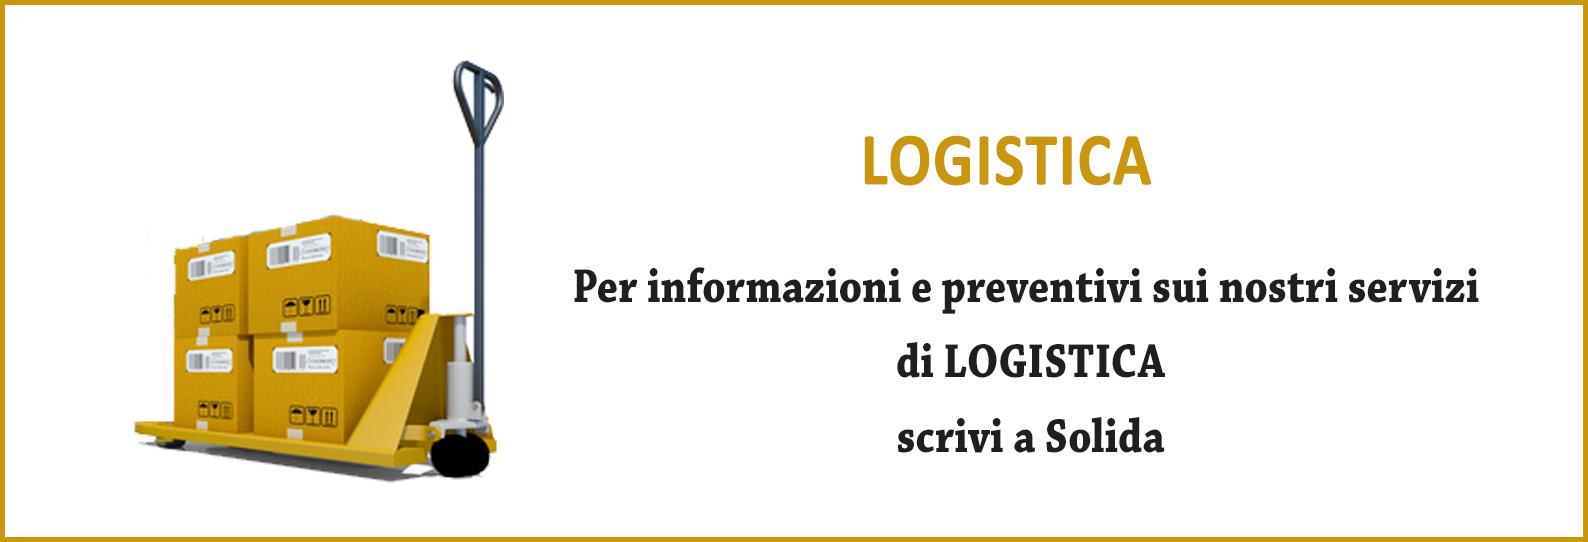 Solida_sito pll_banner_logistica